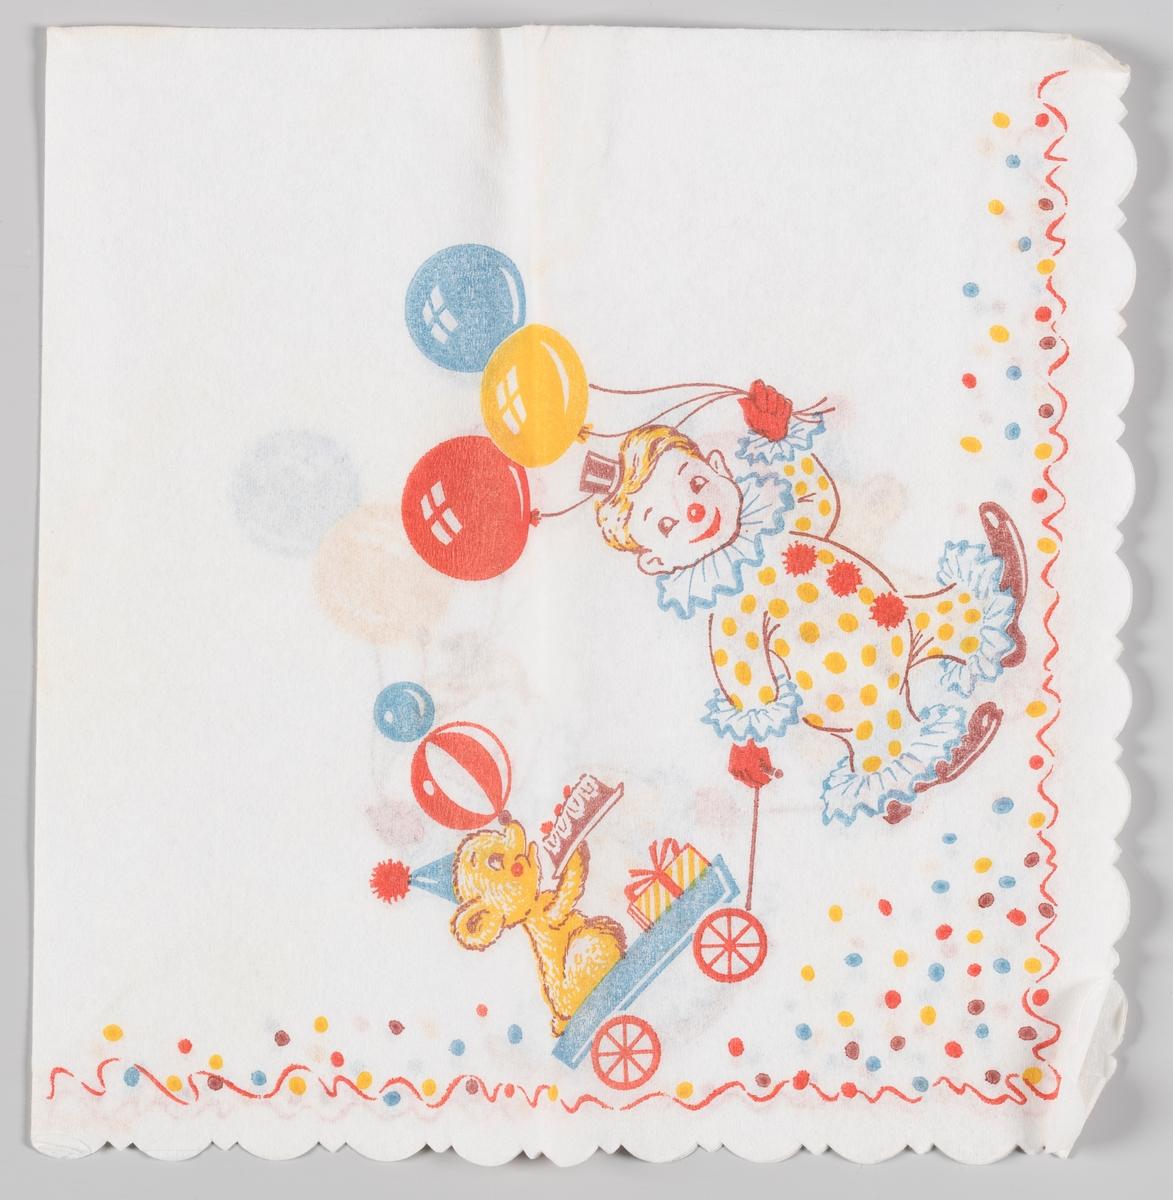 En gut i klovnekostyme og ballonger i hånden, trekker en liten vogn med en hund som sitter med en bursdagskake samtidig med at den balanserer to baller på sin snute. Langs kanten er det et rødt bånd og kulørte prikker.